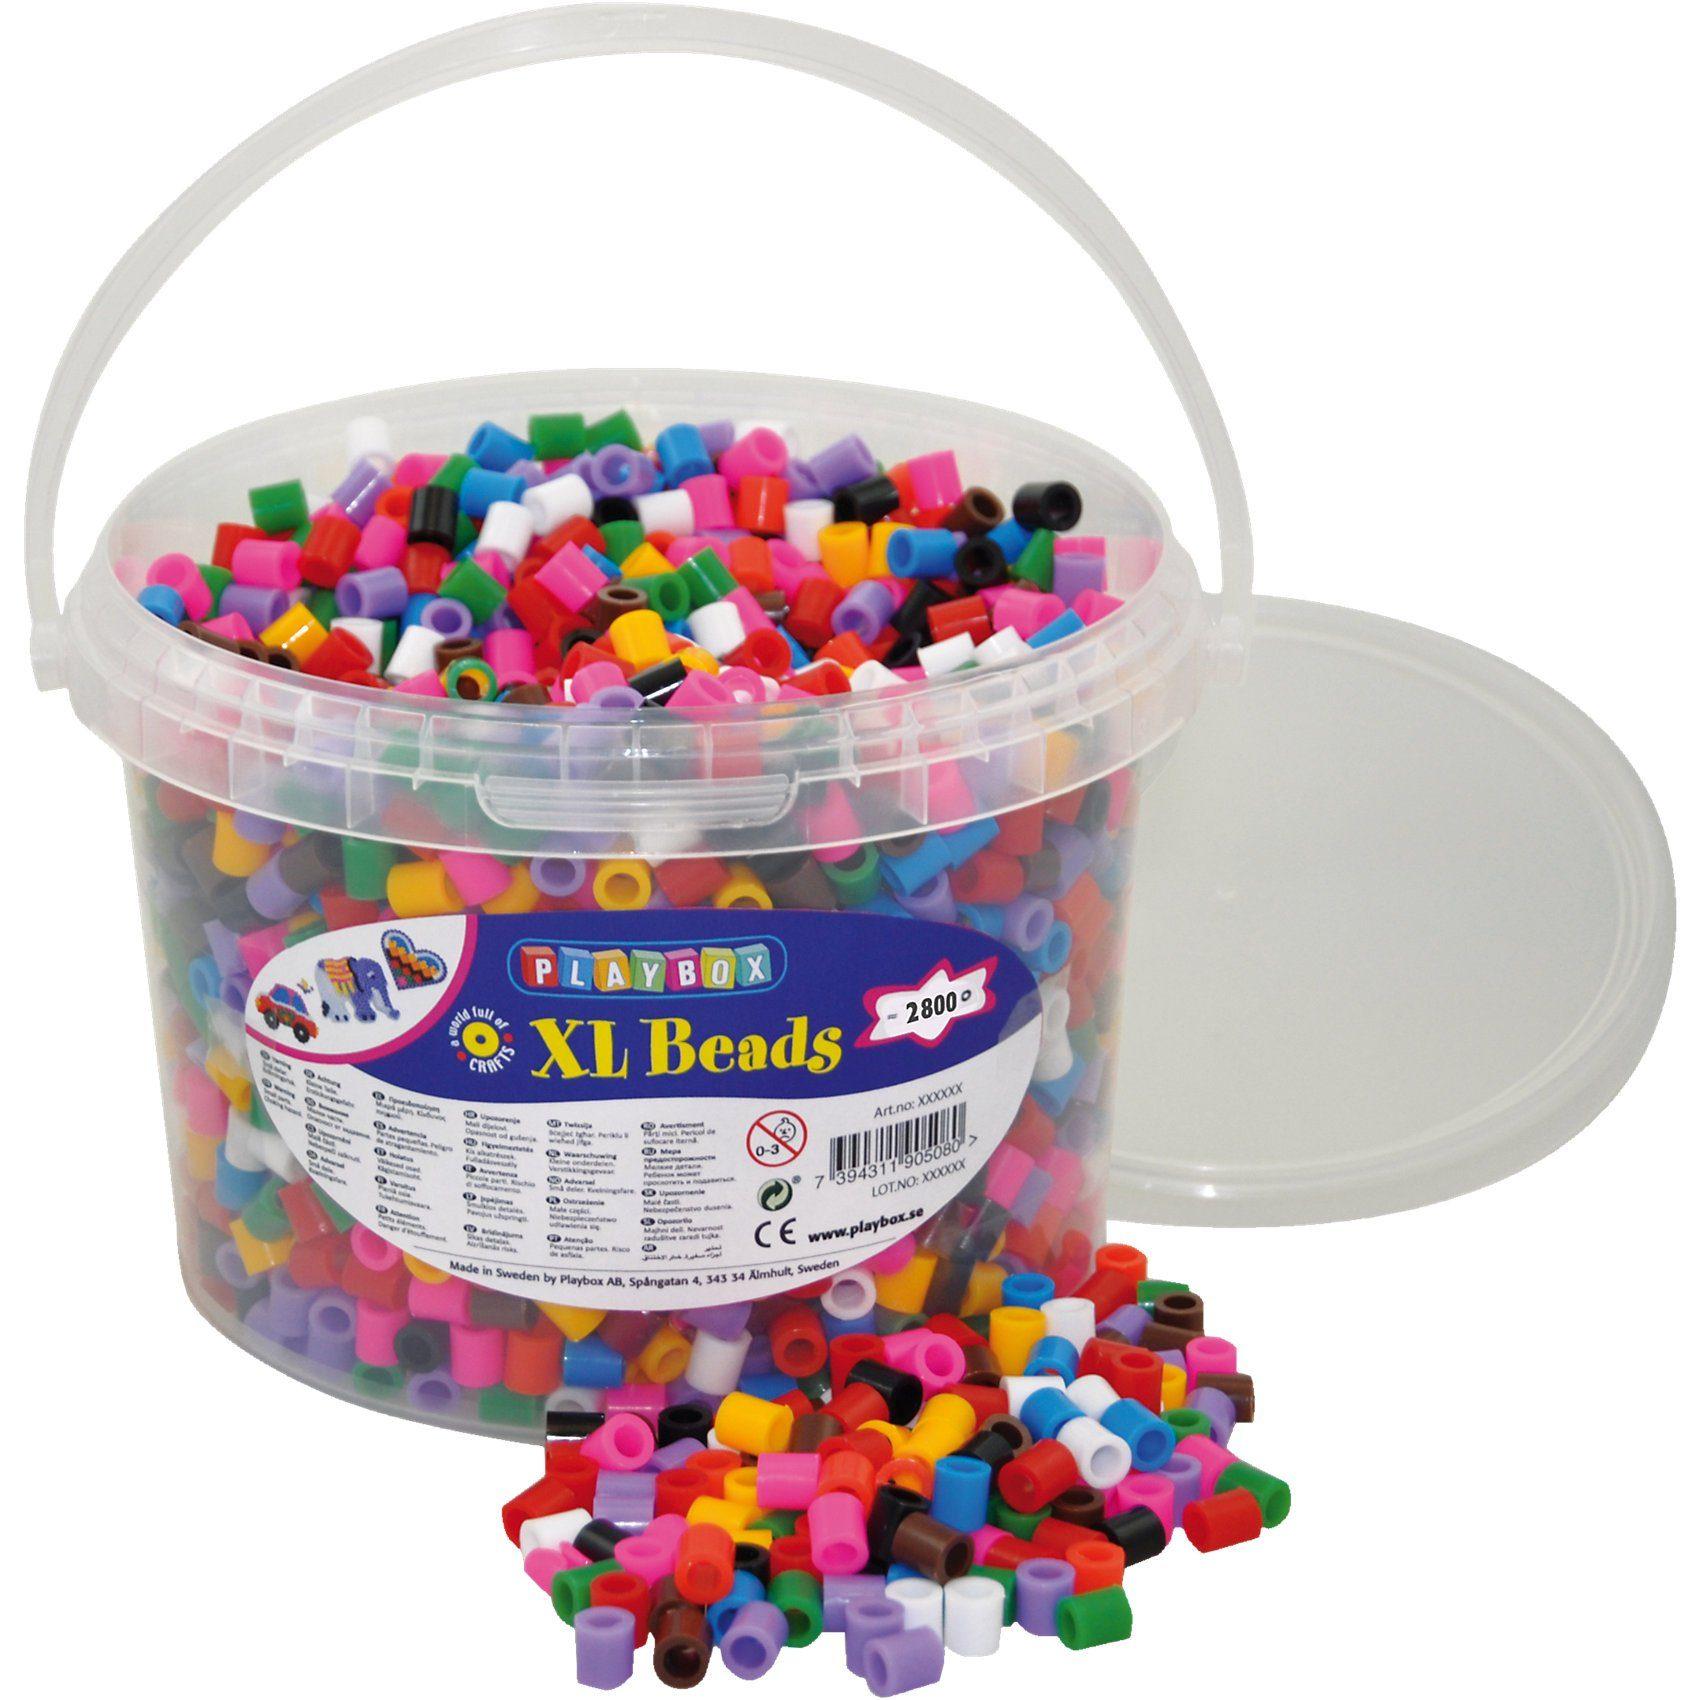 Playbox XL-Bügelperlen im Eimer, 10-Farben-Mix, 2.800 Stück